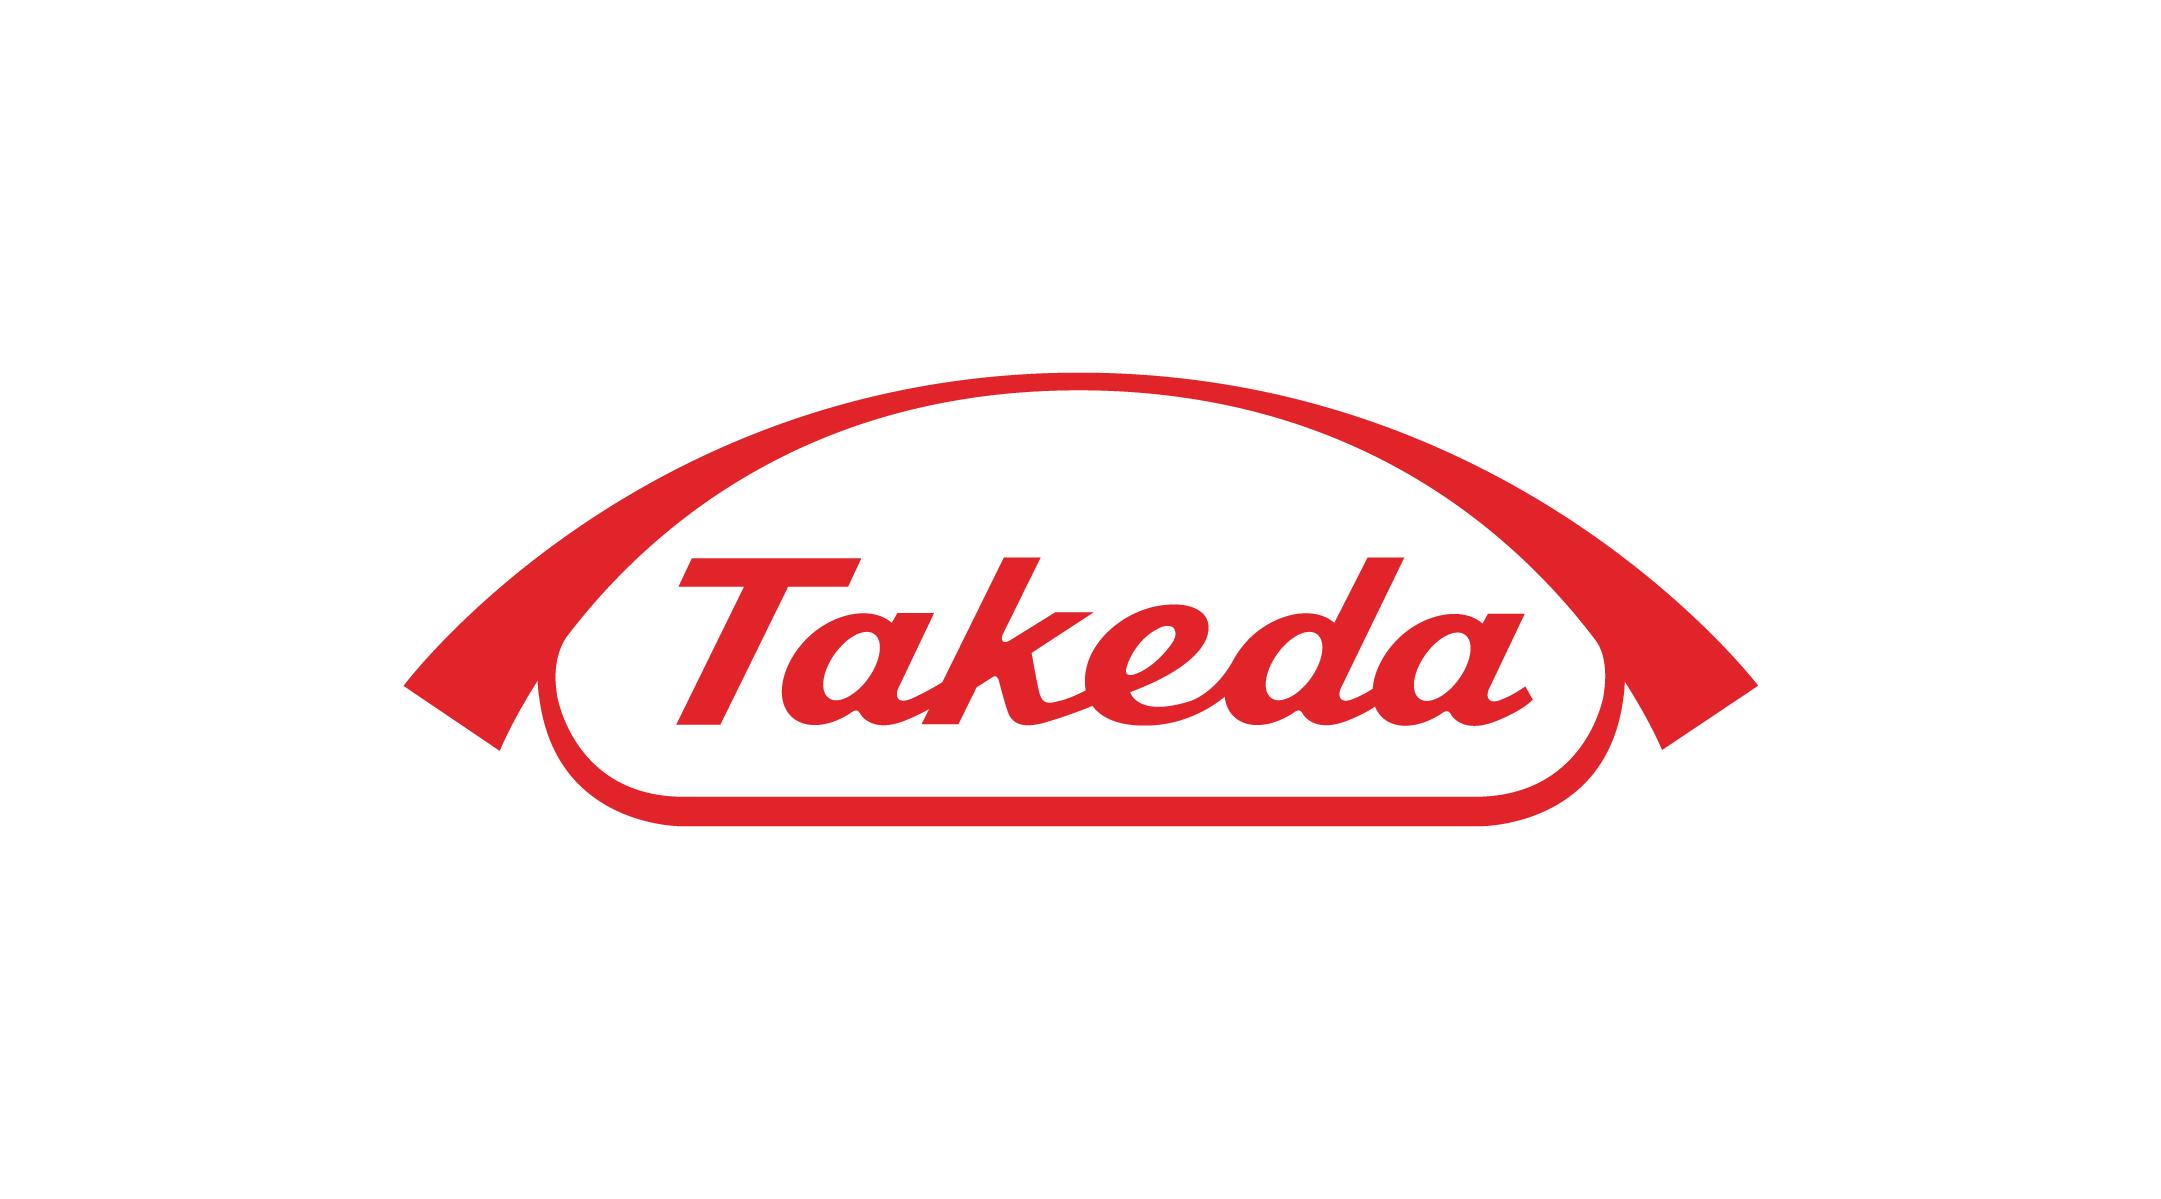 www.Takeda.com